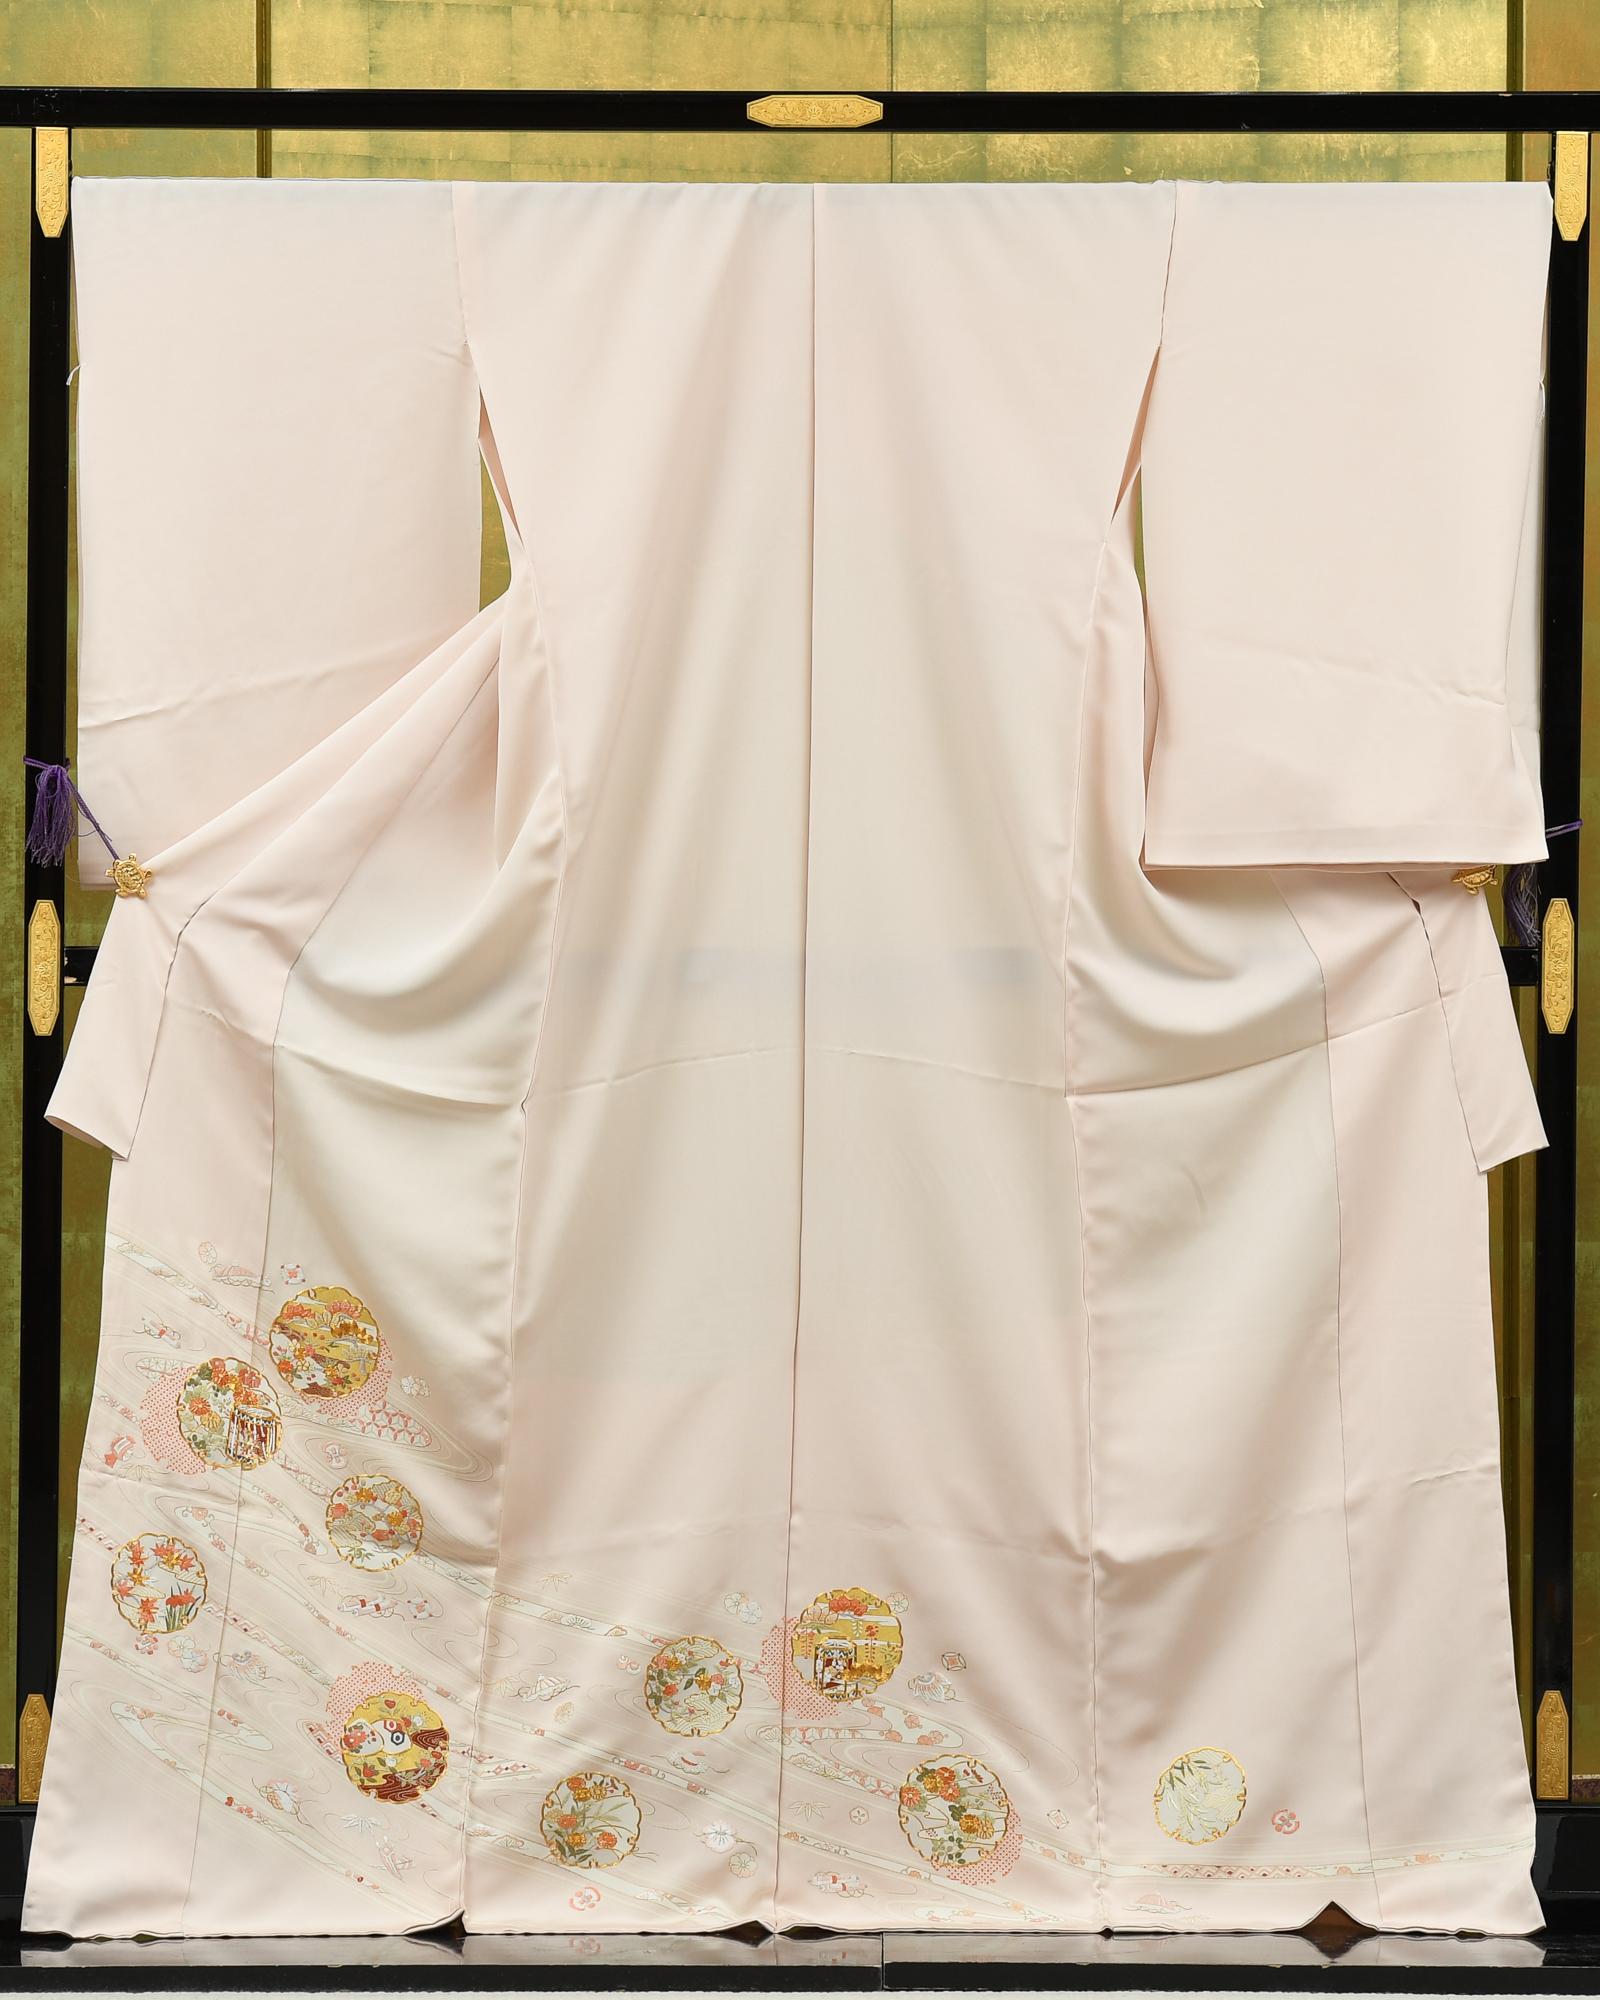 【最高級色留袖オーダーレンタル】オーダーレンタル色留袖・菱健謹製・古典柄・日本刺繍「ピンク系・雪輪・古典柄」品番:i_order202101